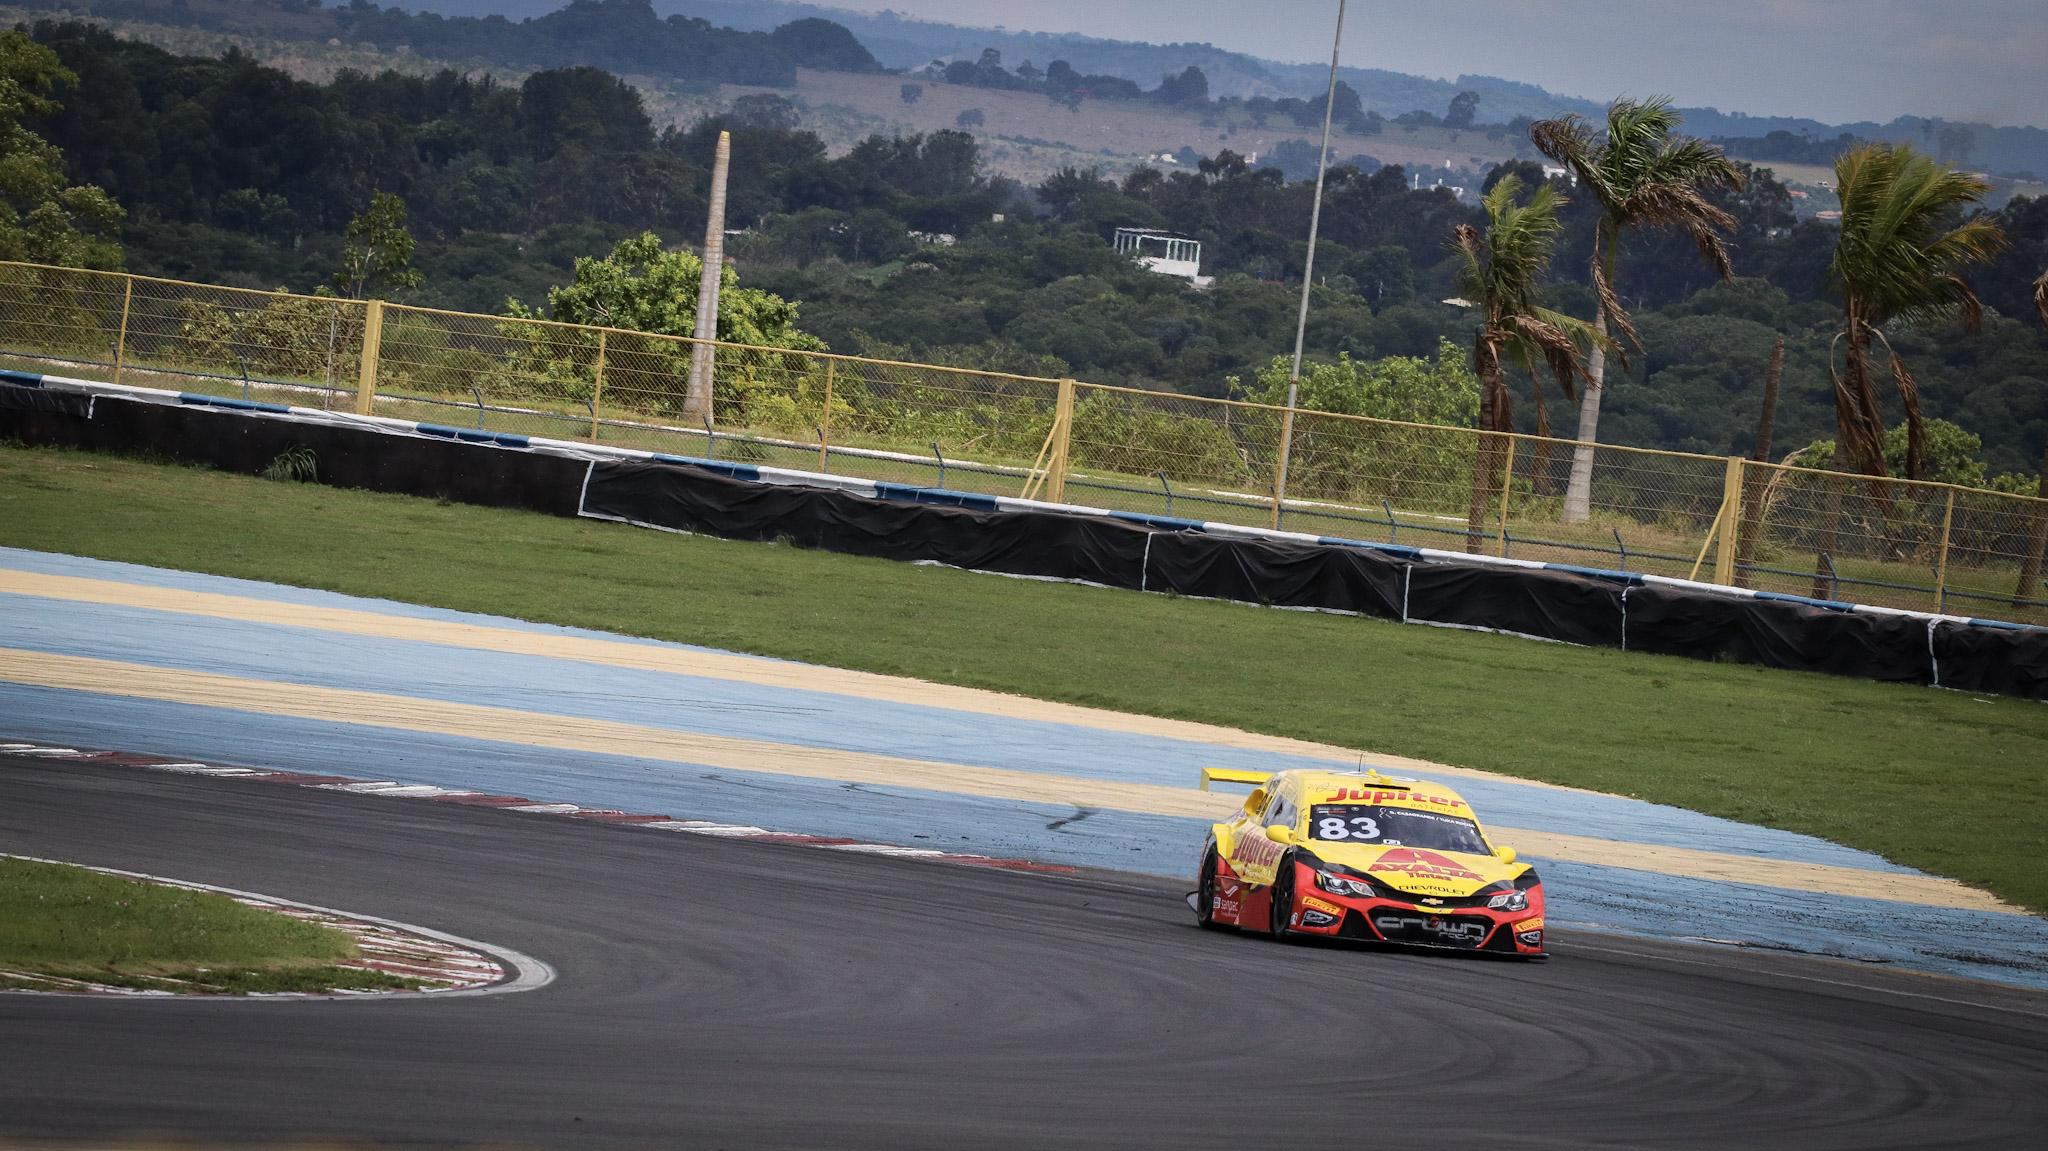 Foto de Após largar na pole, Gabriel Casagrande conquista vitória em Goiânia, com Cesar Ramos na segunda posição